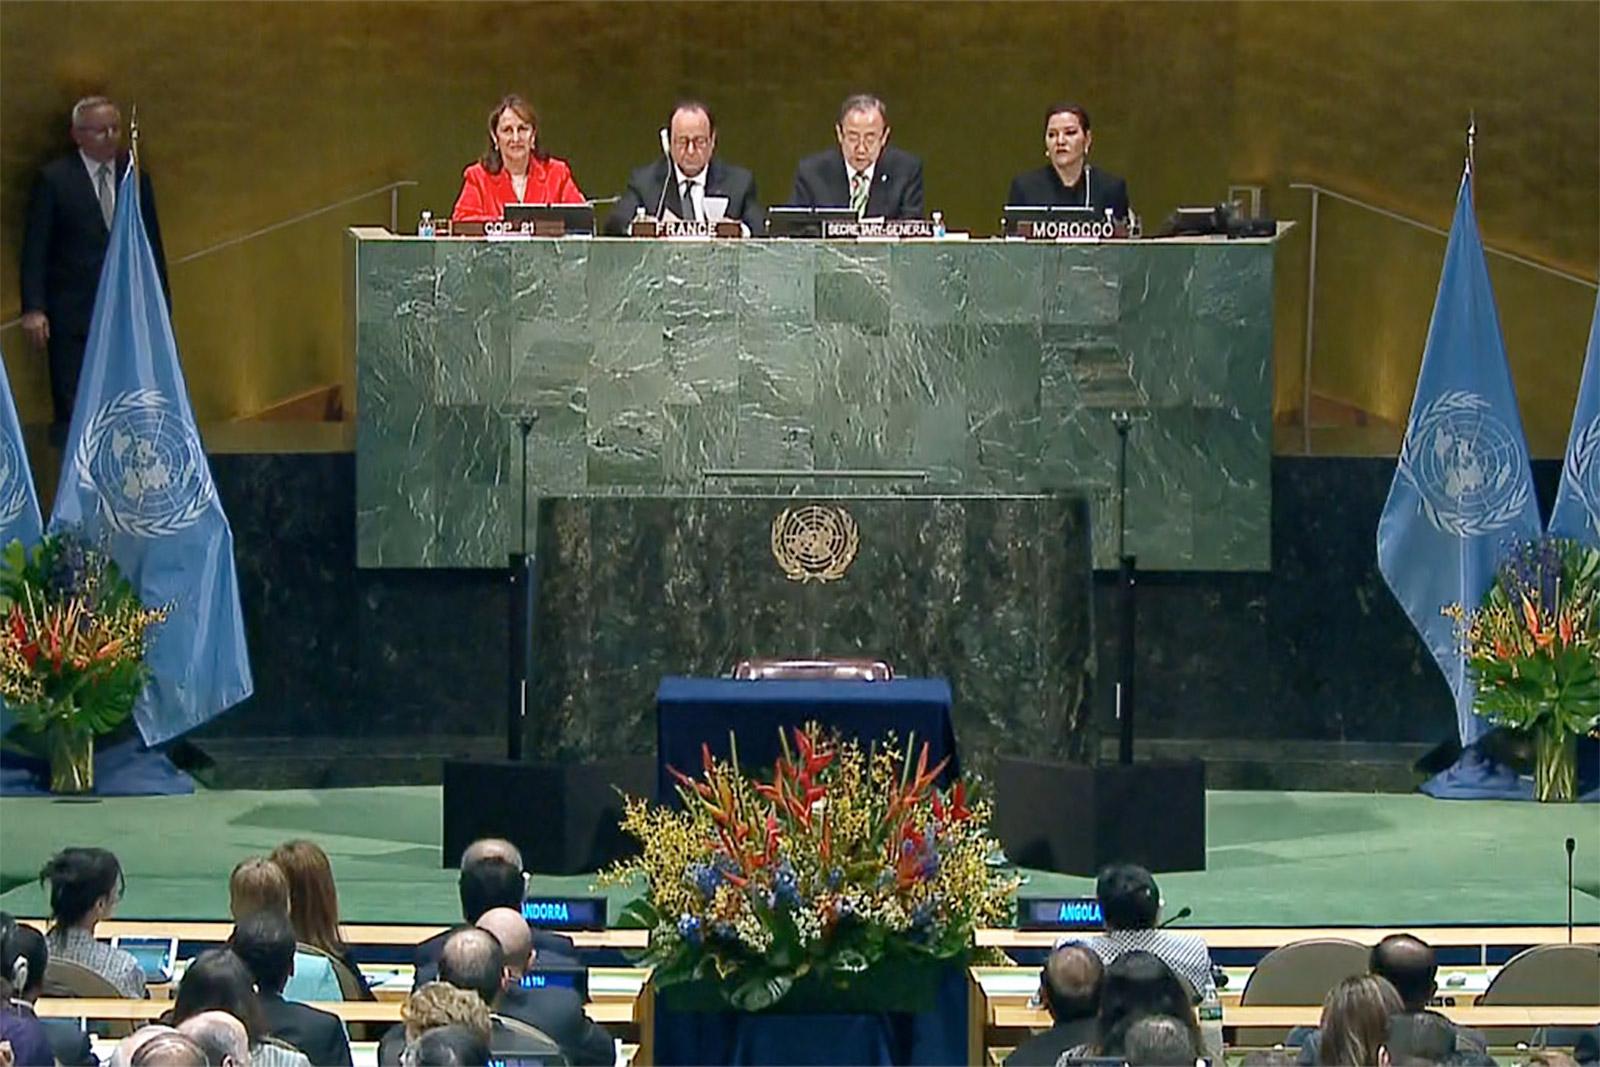 صورة ارشيفية لأحد اجتماعات الجمعية العامة للأمم المتحدة في حفل توقيع اتفاقية باريس للتغير المناخي